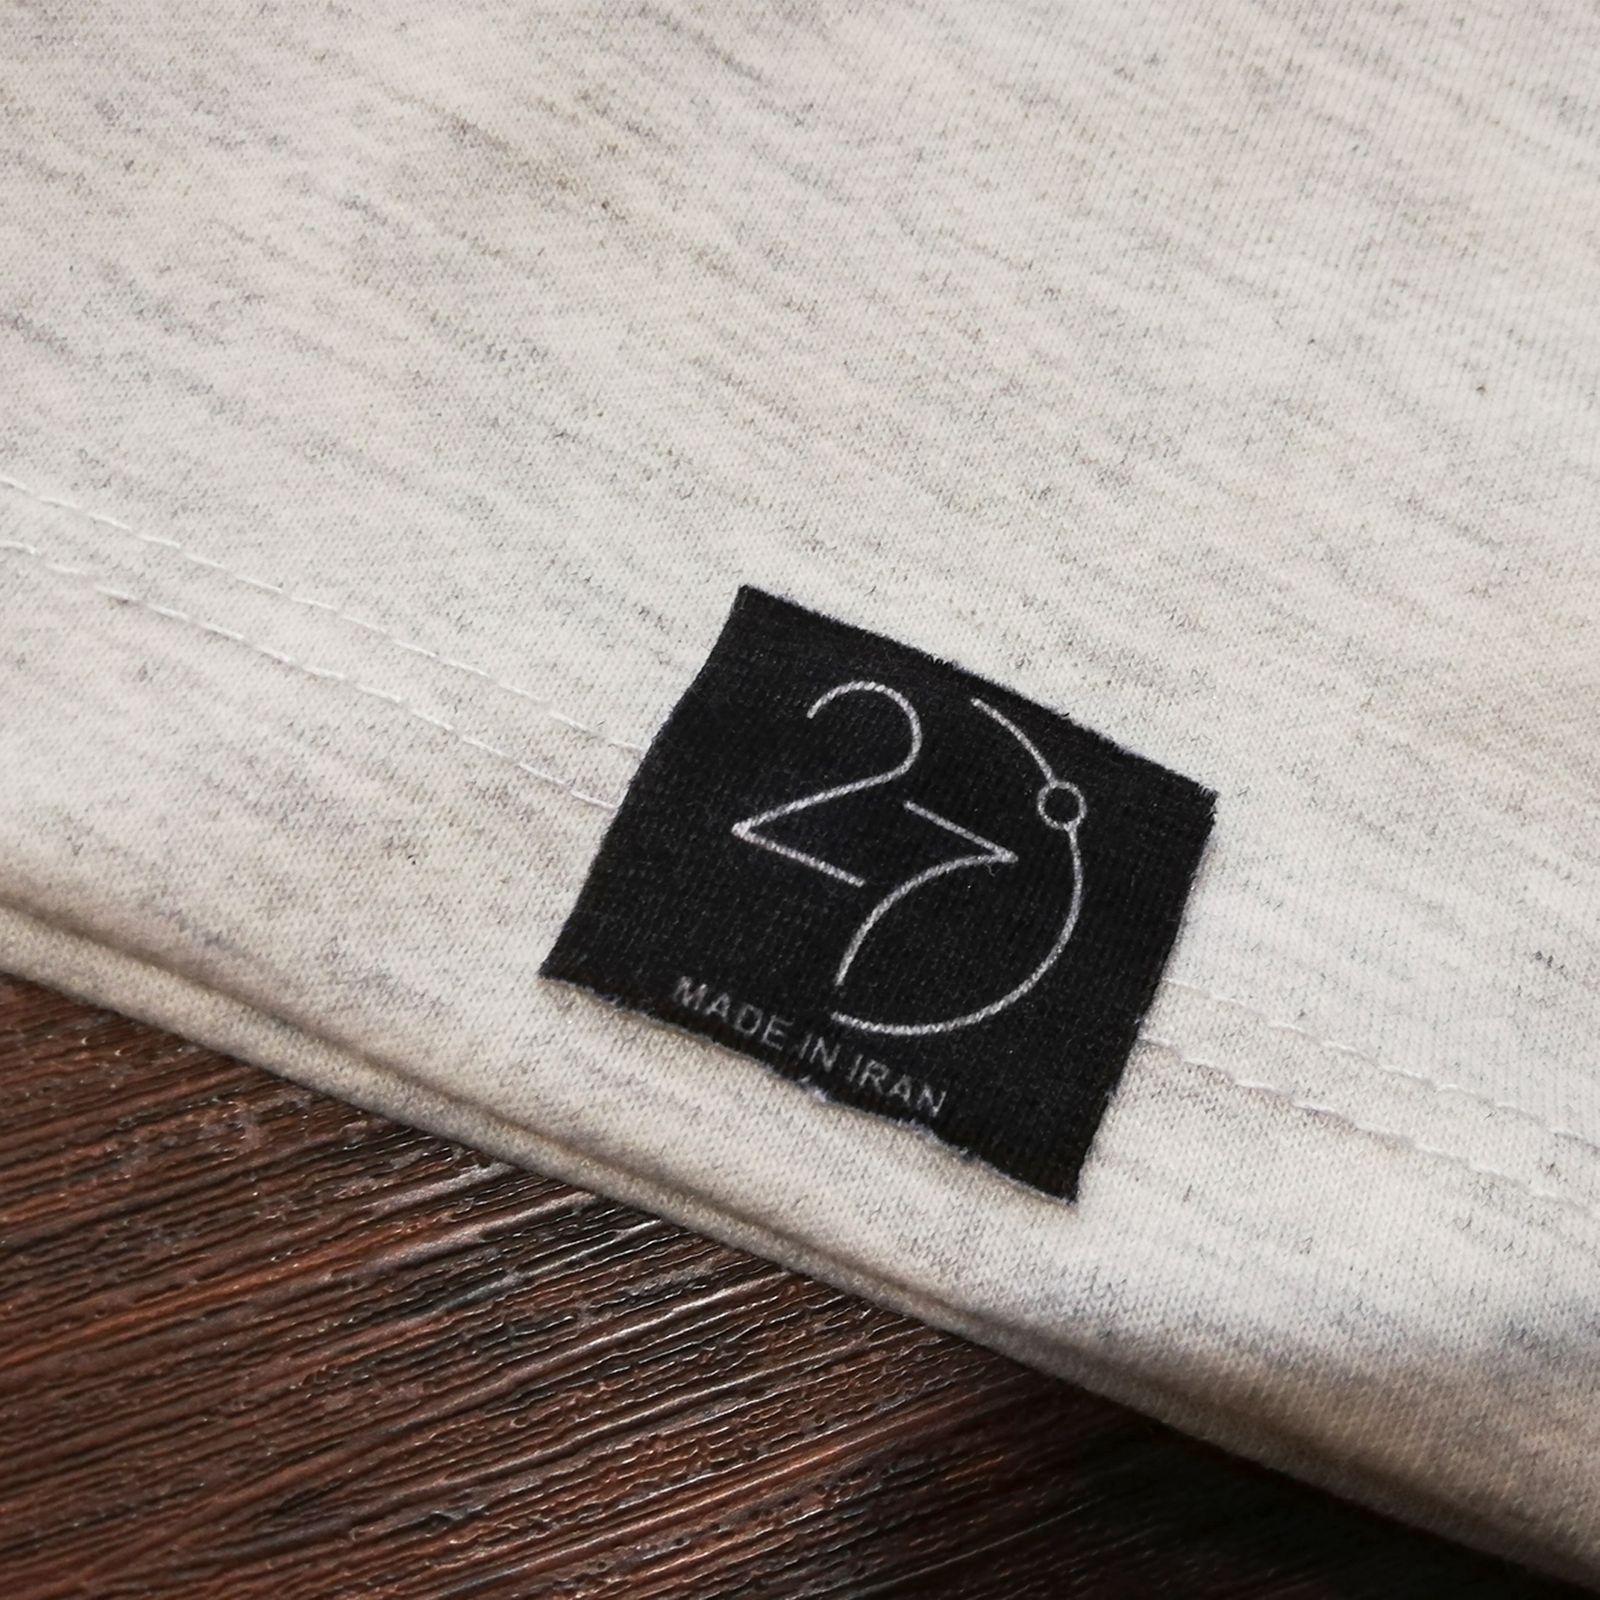 تیشرت آستین کوتاه زنانه 27 طرح حرف ف مدل J03 -  - 4